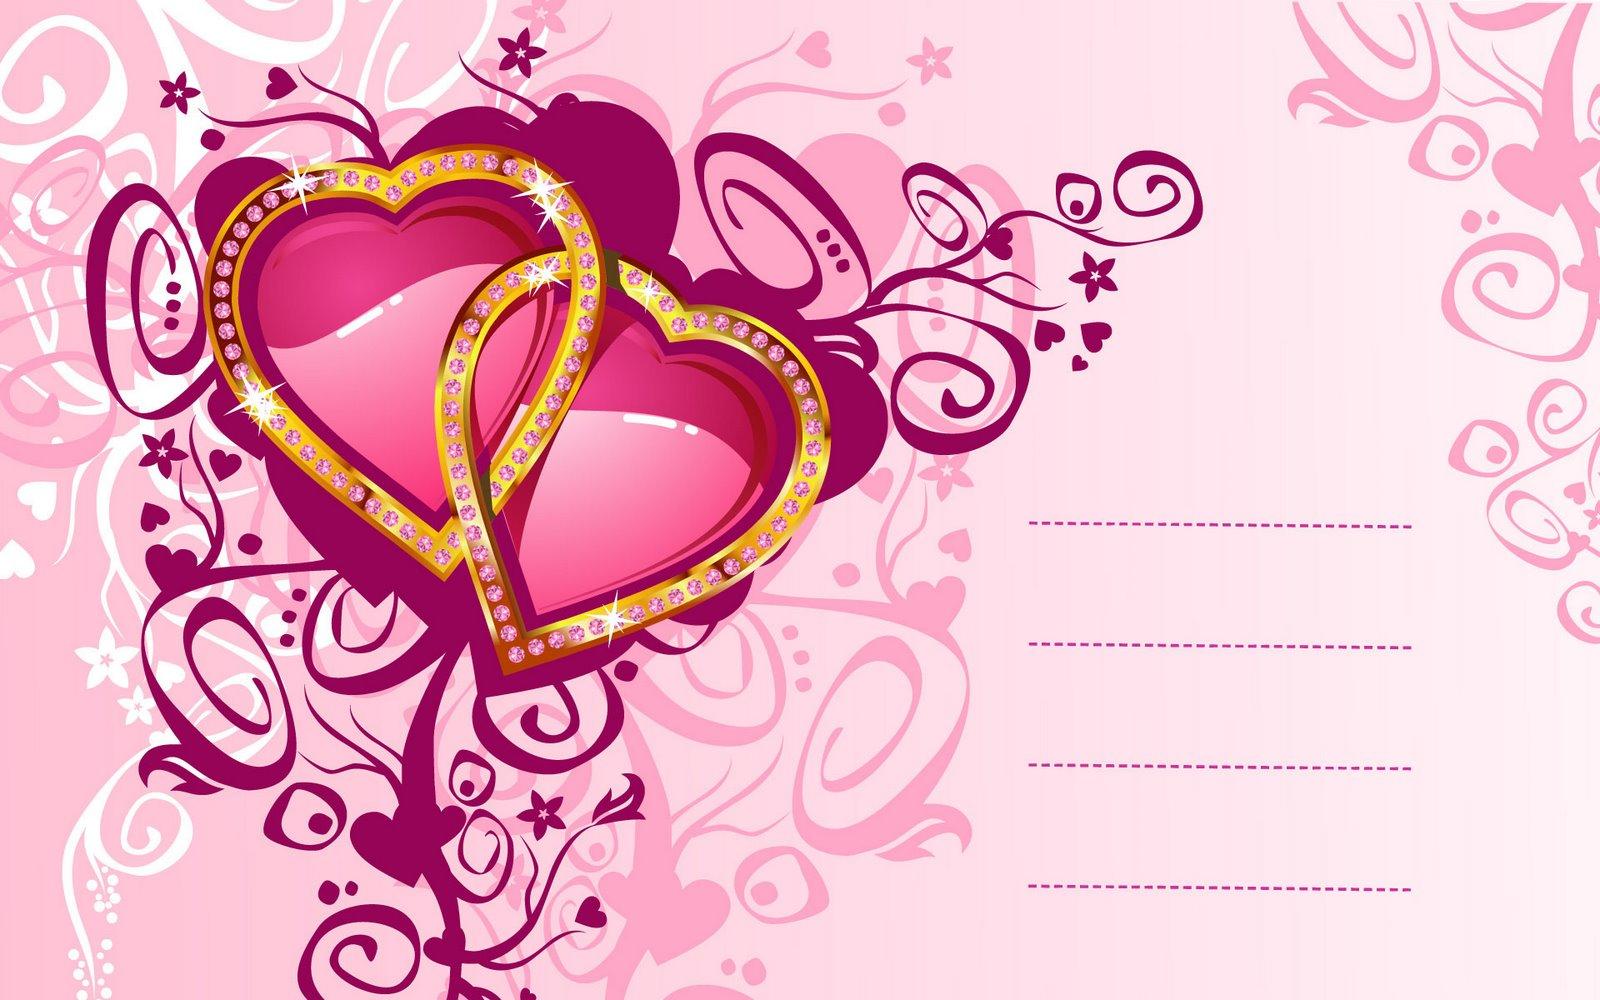 http://1.bp.blogspot.com/-i0htj-vICAs/TdT7MUgqJOI/AAAAAAAAAVM/Sk1GcgCv3Zc/s1600/Love-Wallpaper-5.jpg